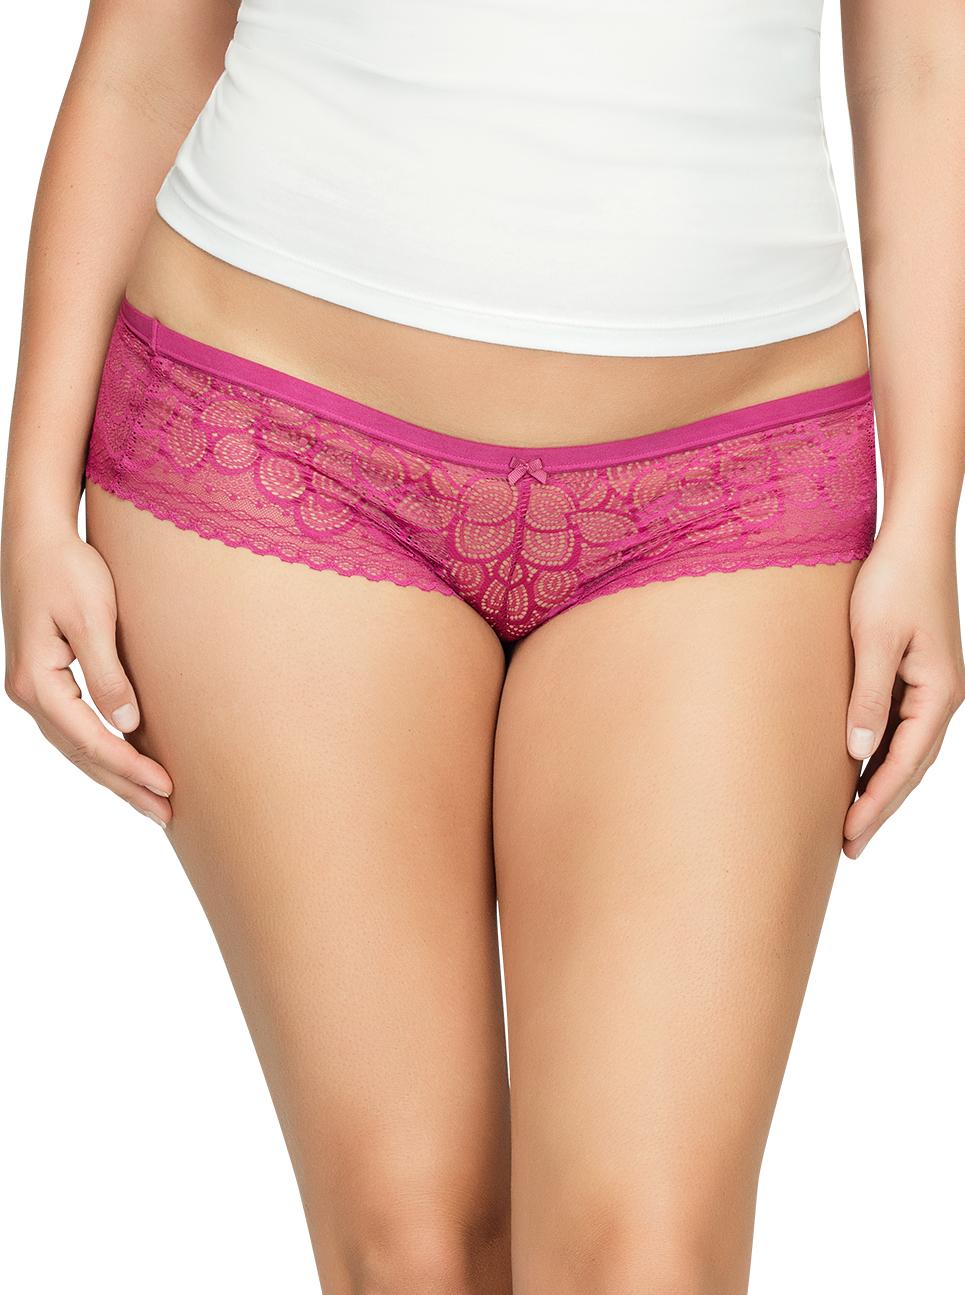 PARFAIT ParfaitPanty SoGlam HipsterPP502 Raspberry Front1 - Parfait Panty So Glam Hipster - Raspberry - PP502